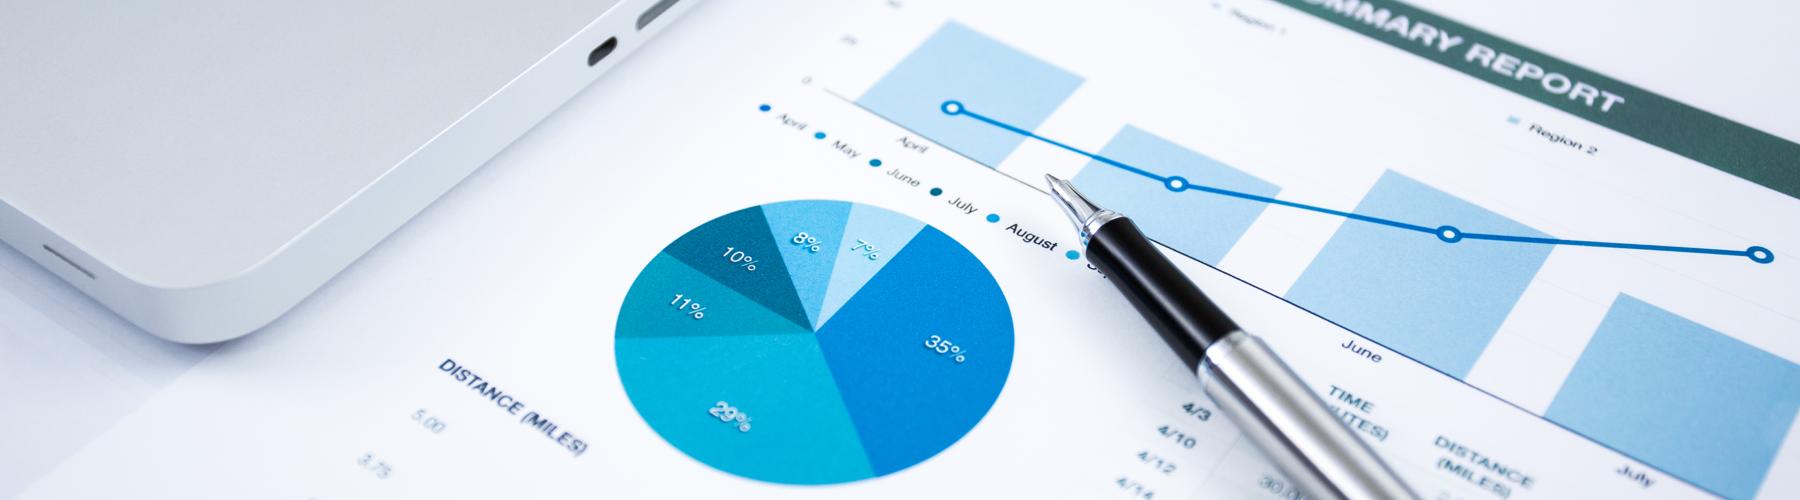 Cómo Medir la Efectividad del Marketing Impreso